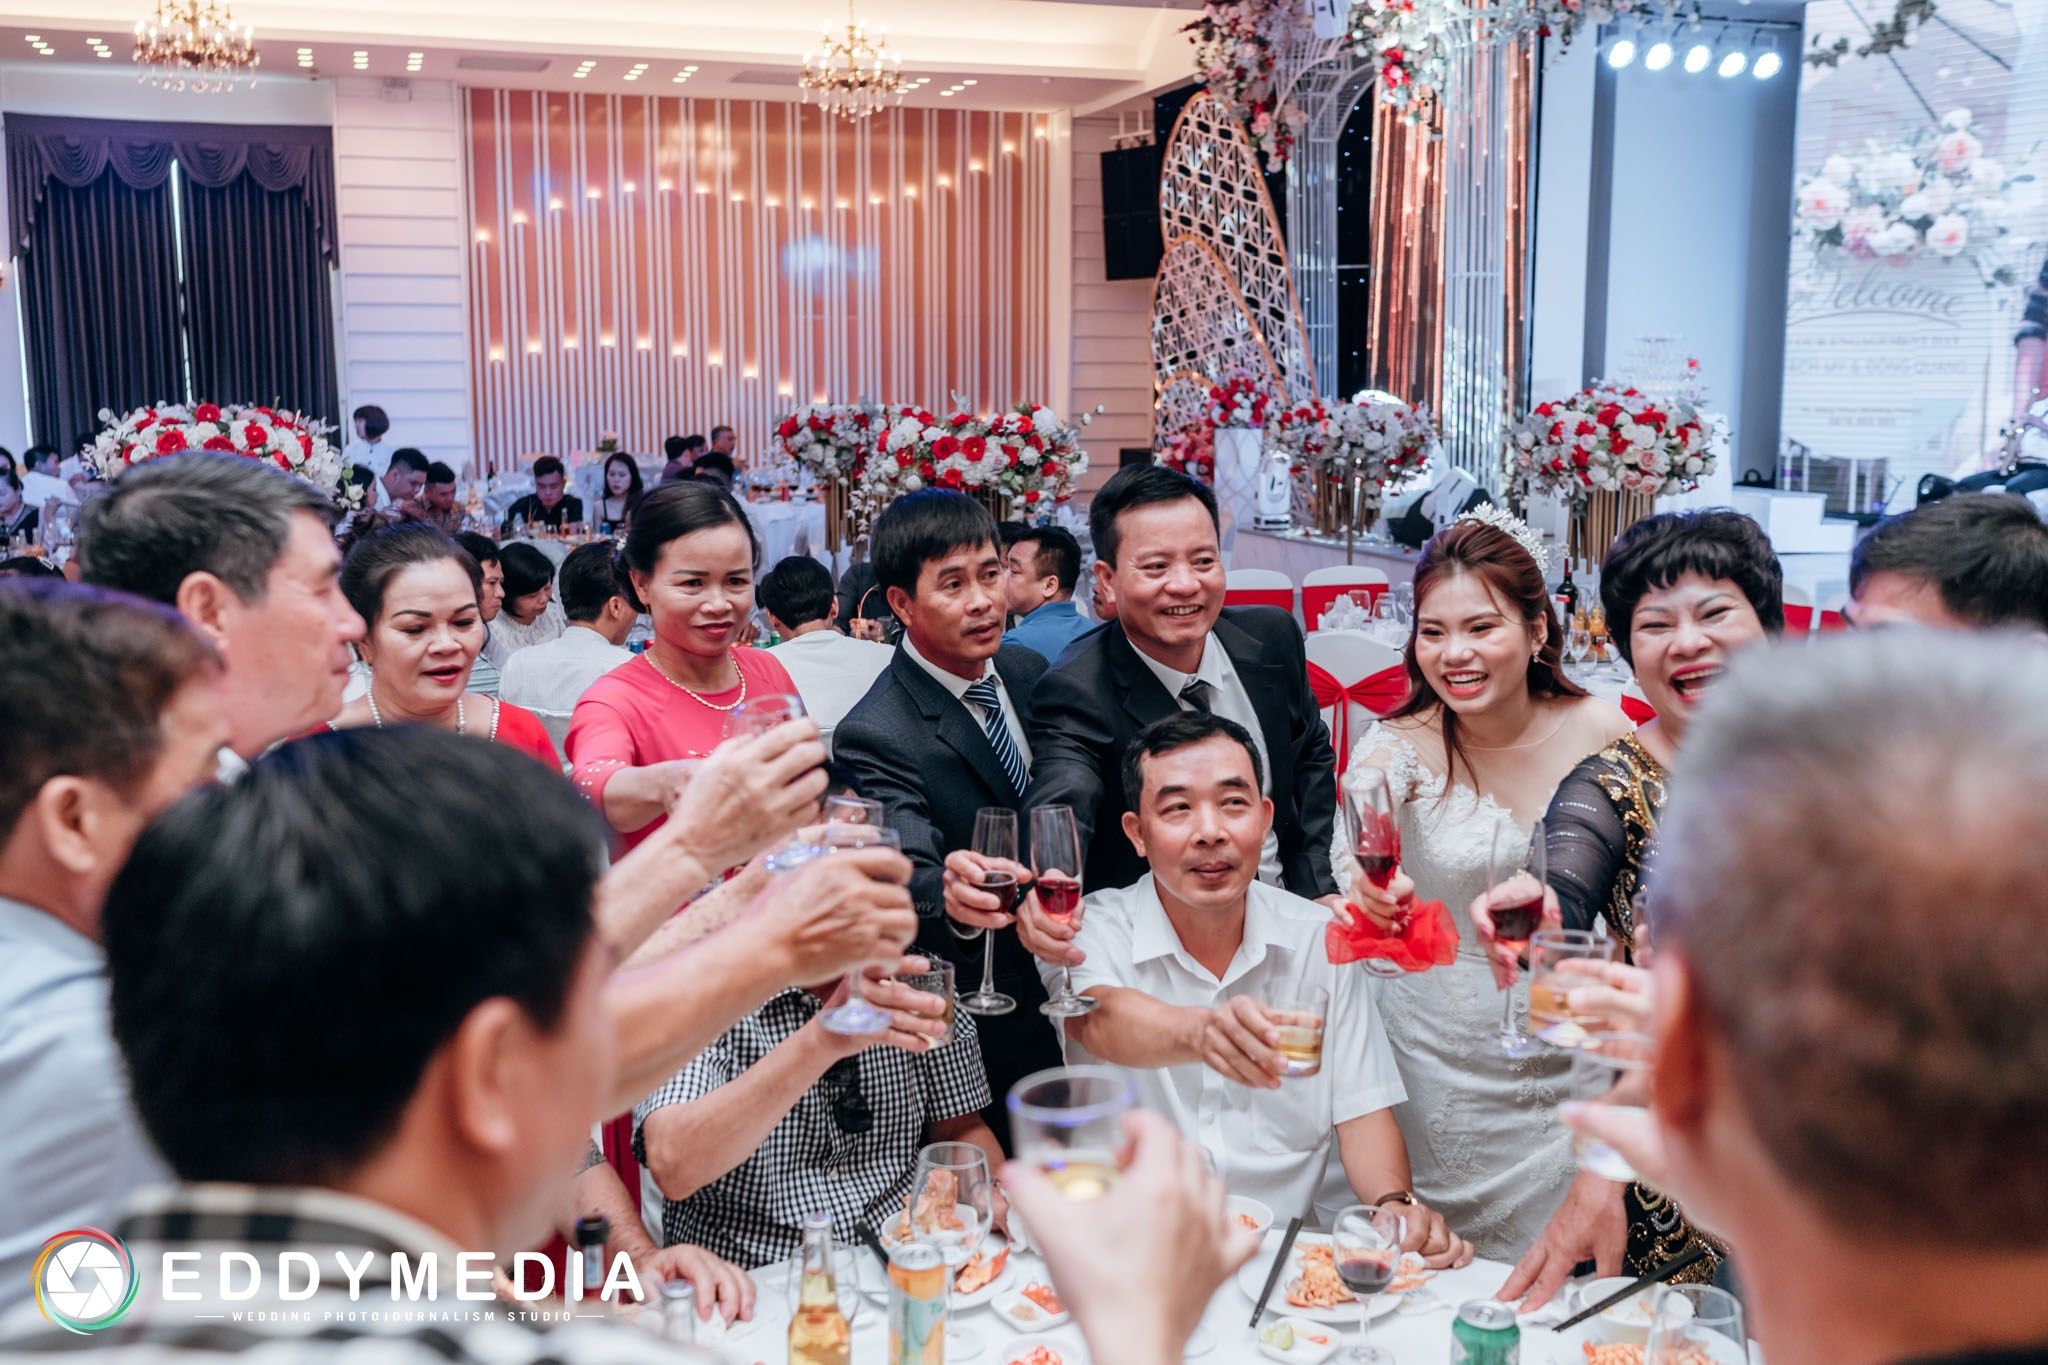 Phongsucuoi giavien DongQuang QuachMy EddyMedia 90 Chuẩn bị đám cưới trong 2 tháng